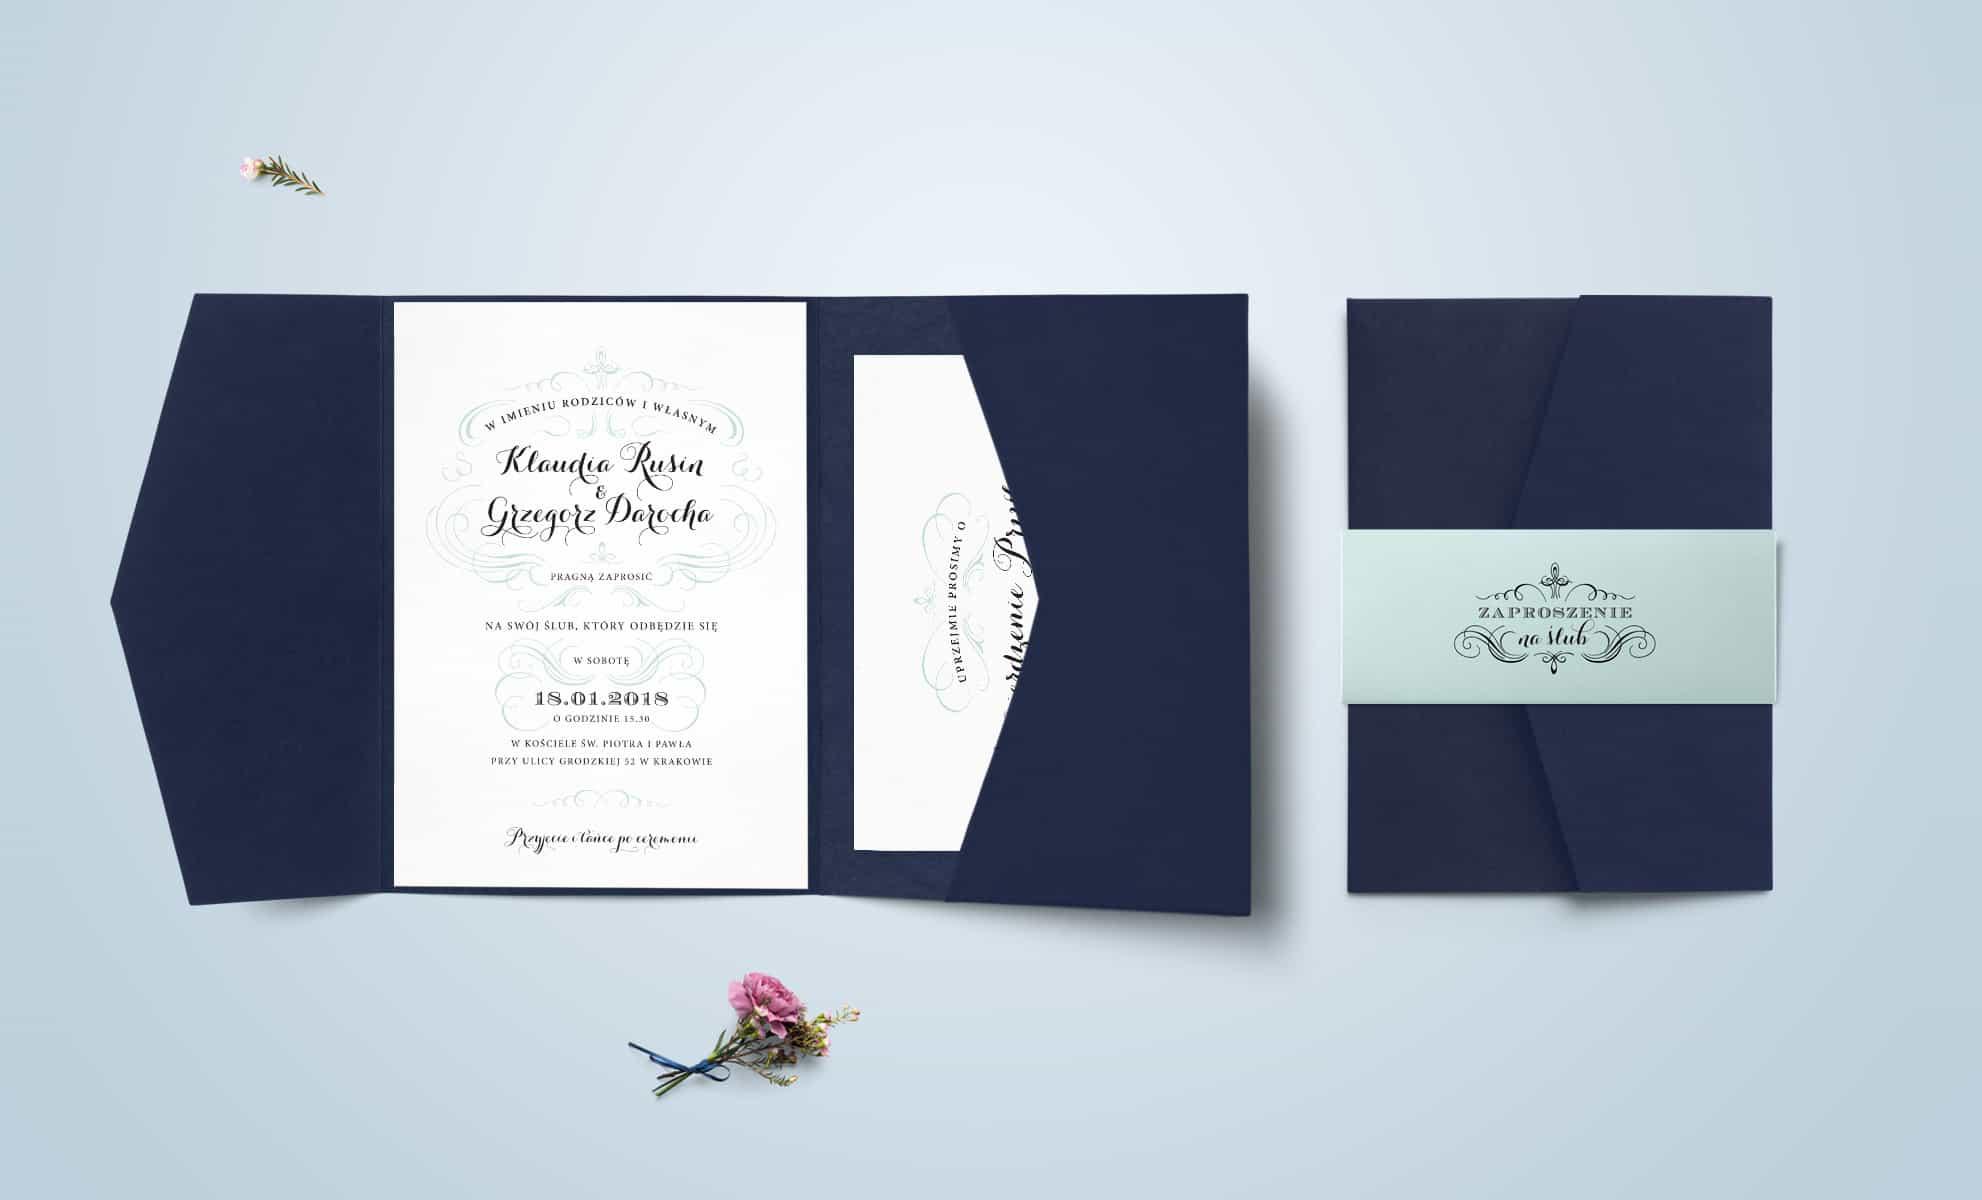 Zaproszenia ślubne w folderze navy z francuskimi akcentami